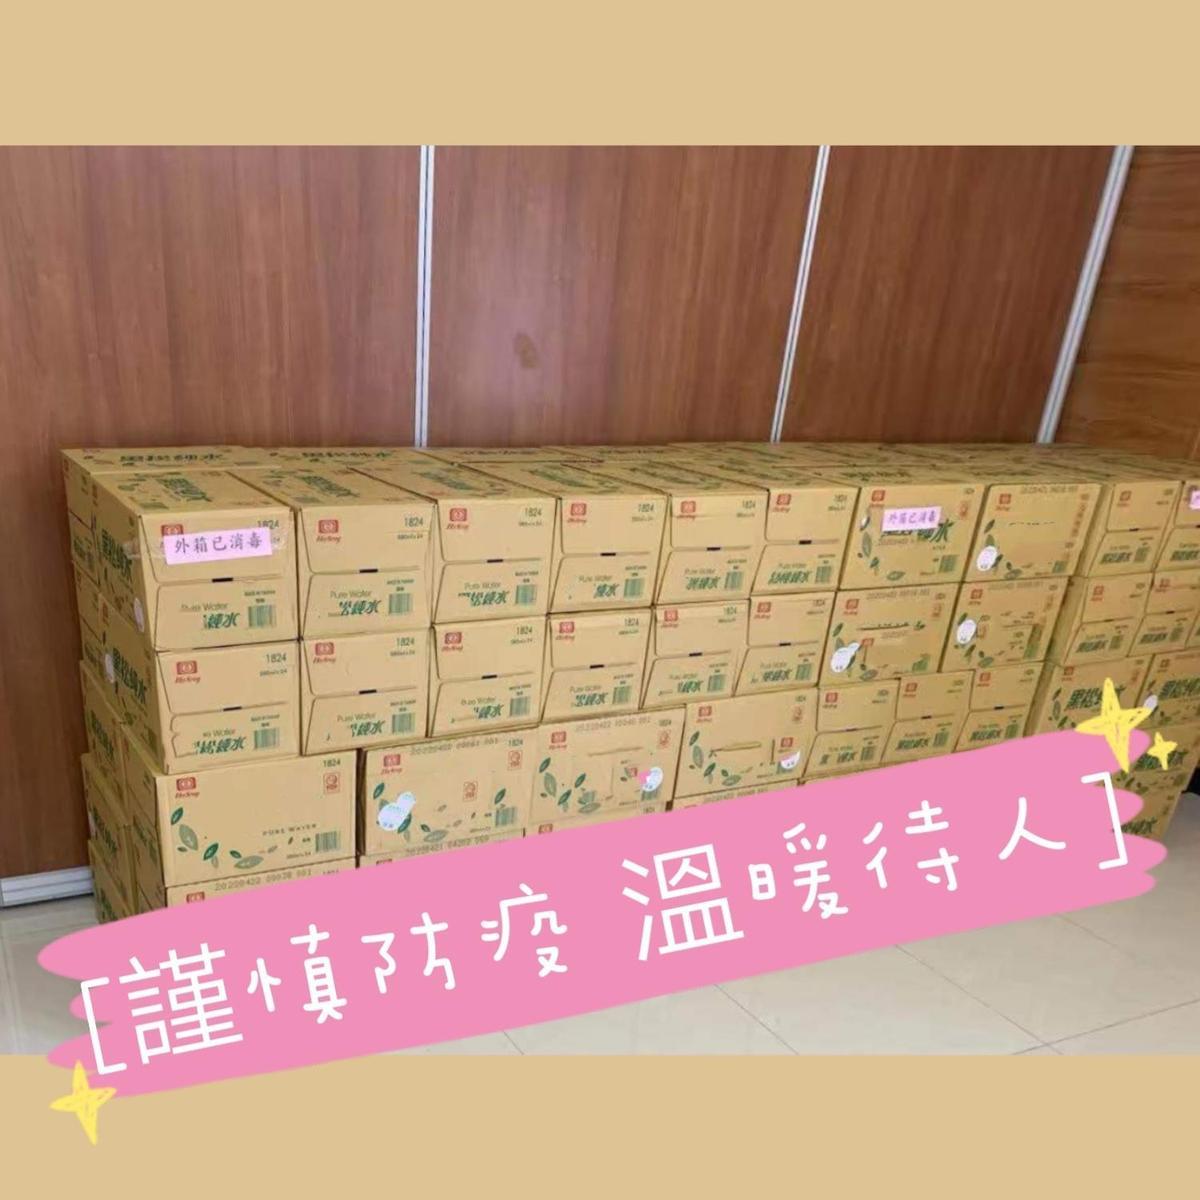 志玲姊姊慈善基金會先前也捐贈瓶裝水給中正區及萬華區的社福中心。(志玲姊姊慈善基金會提供提供)